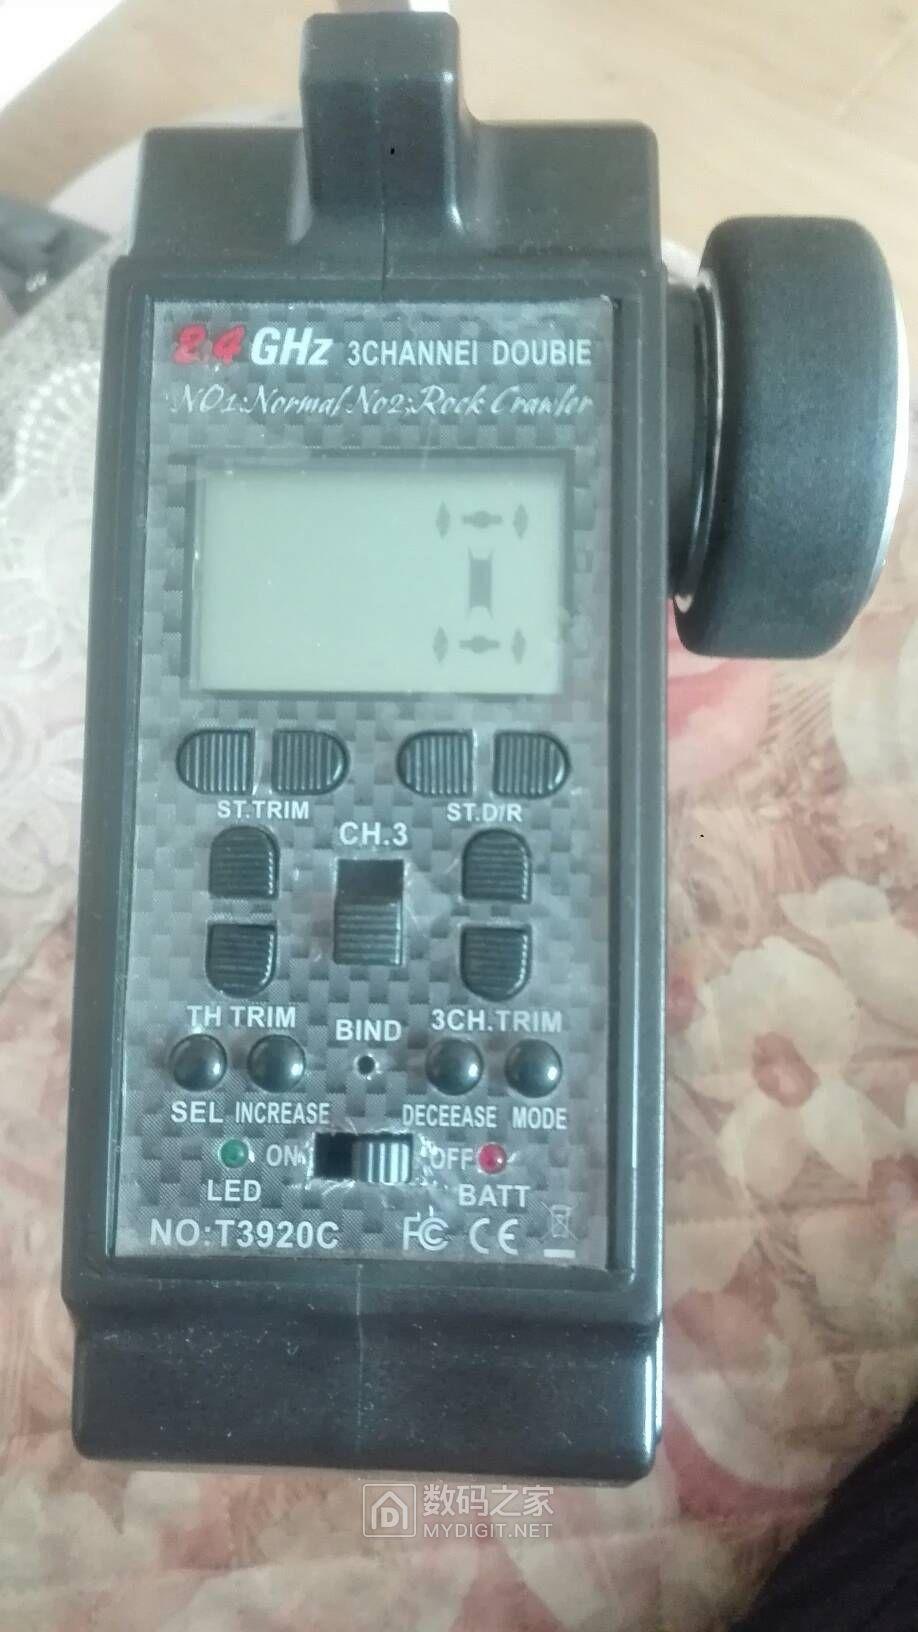 哪位高人帮帮忙,我的这个遥控器不会设置了!!!